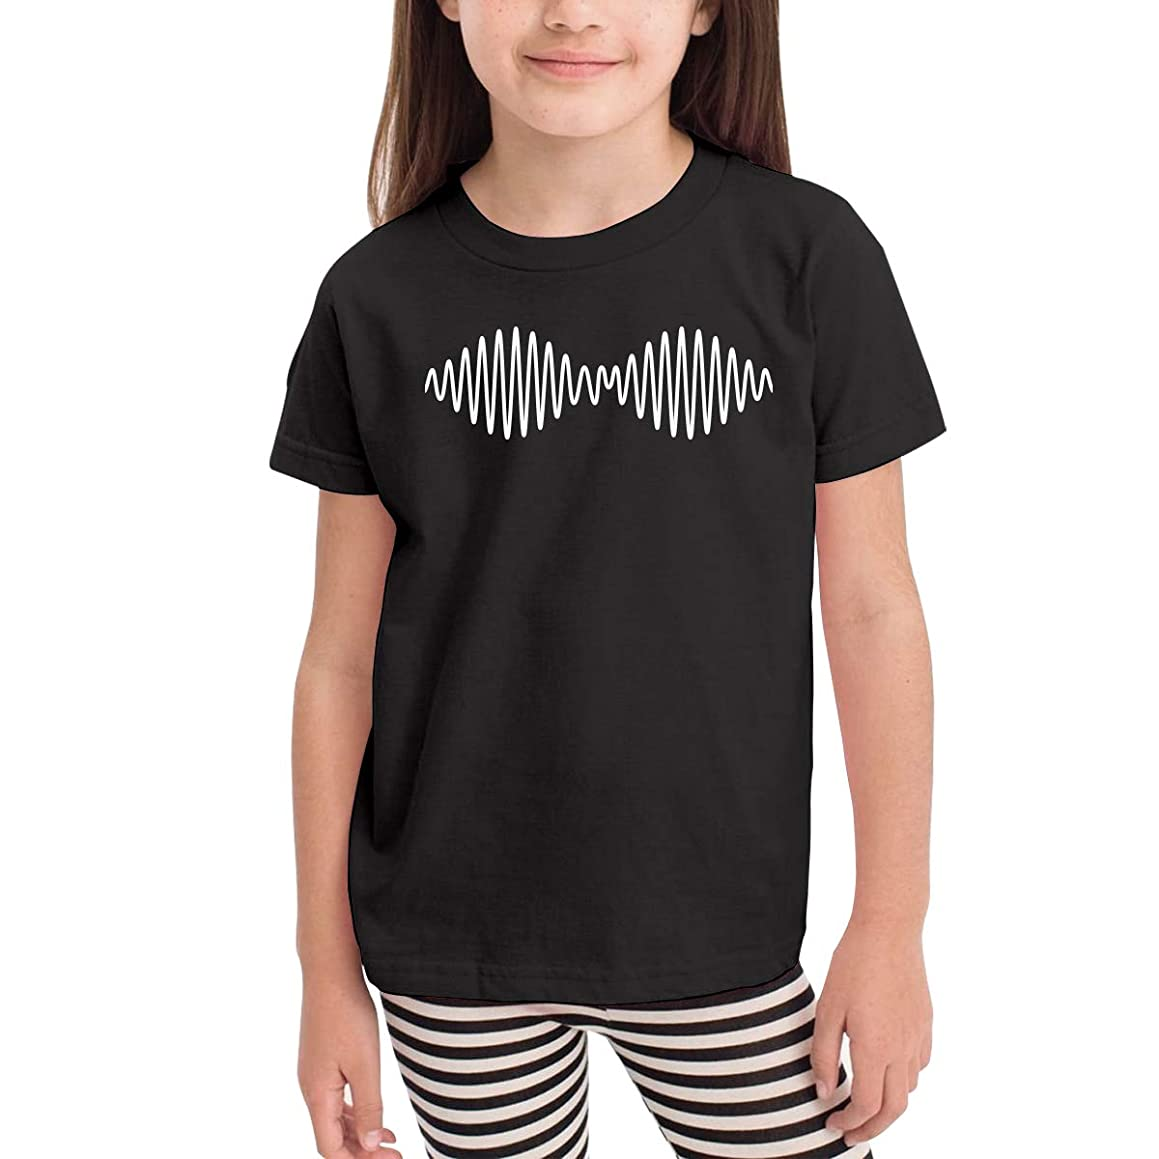 Kaddias Arctic Monkeys Infant Kids Cute Short Sleeve Tshirt Black